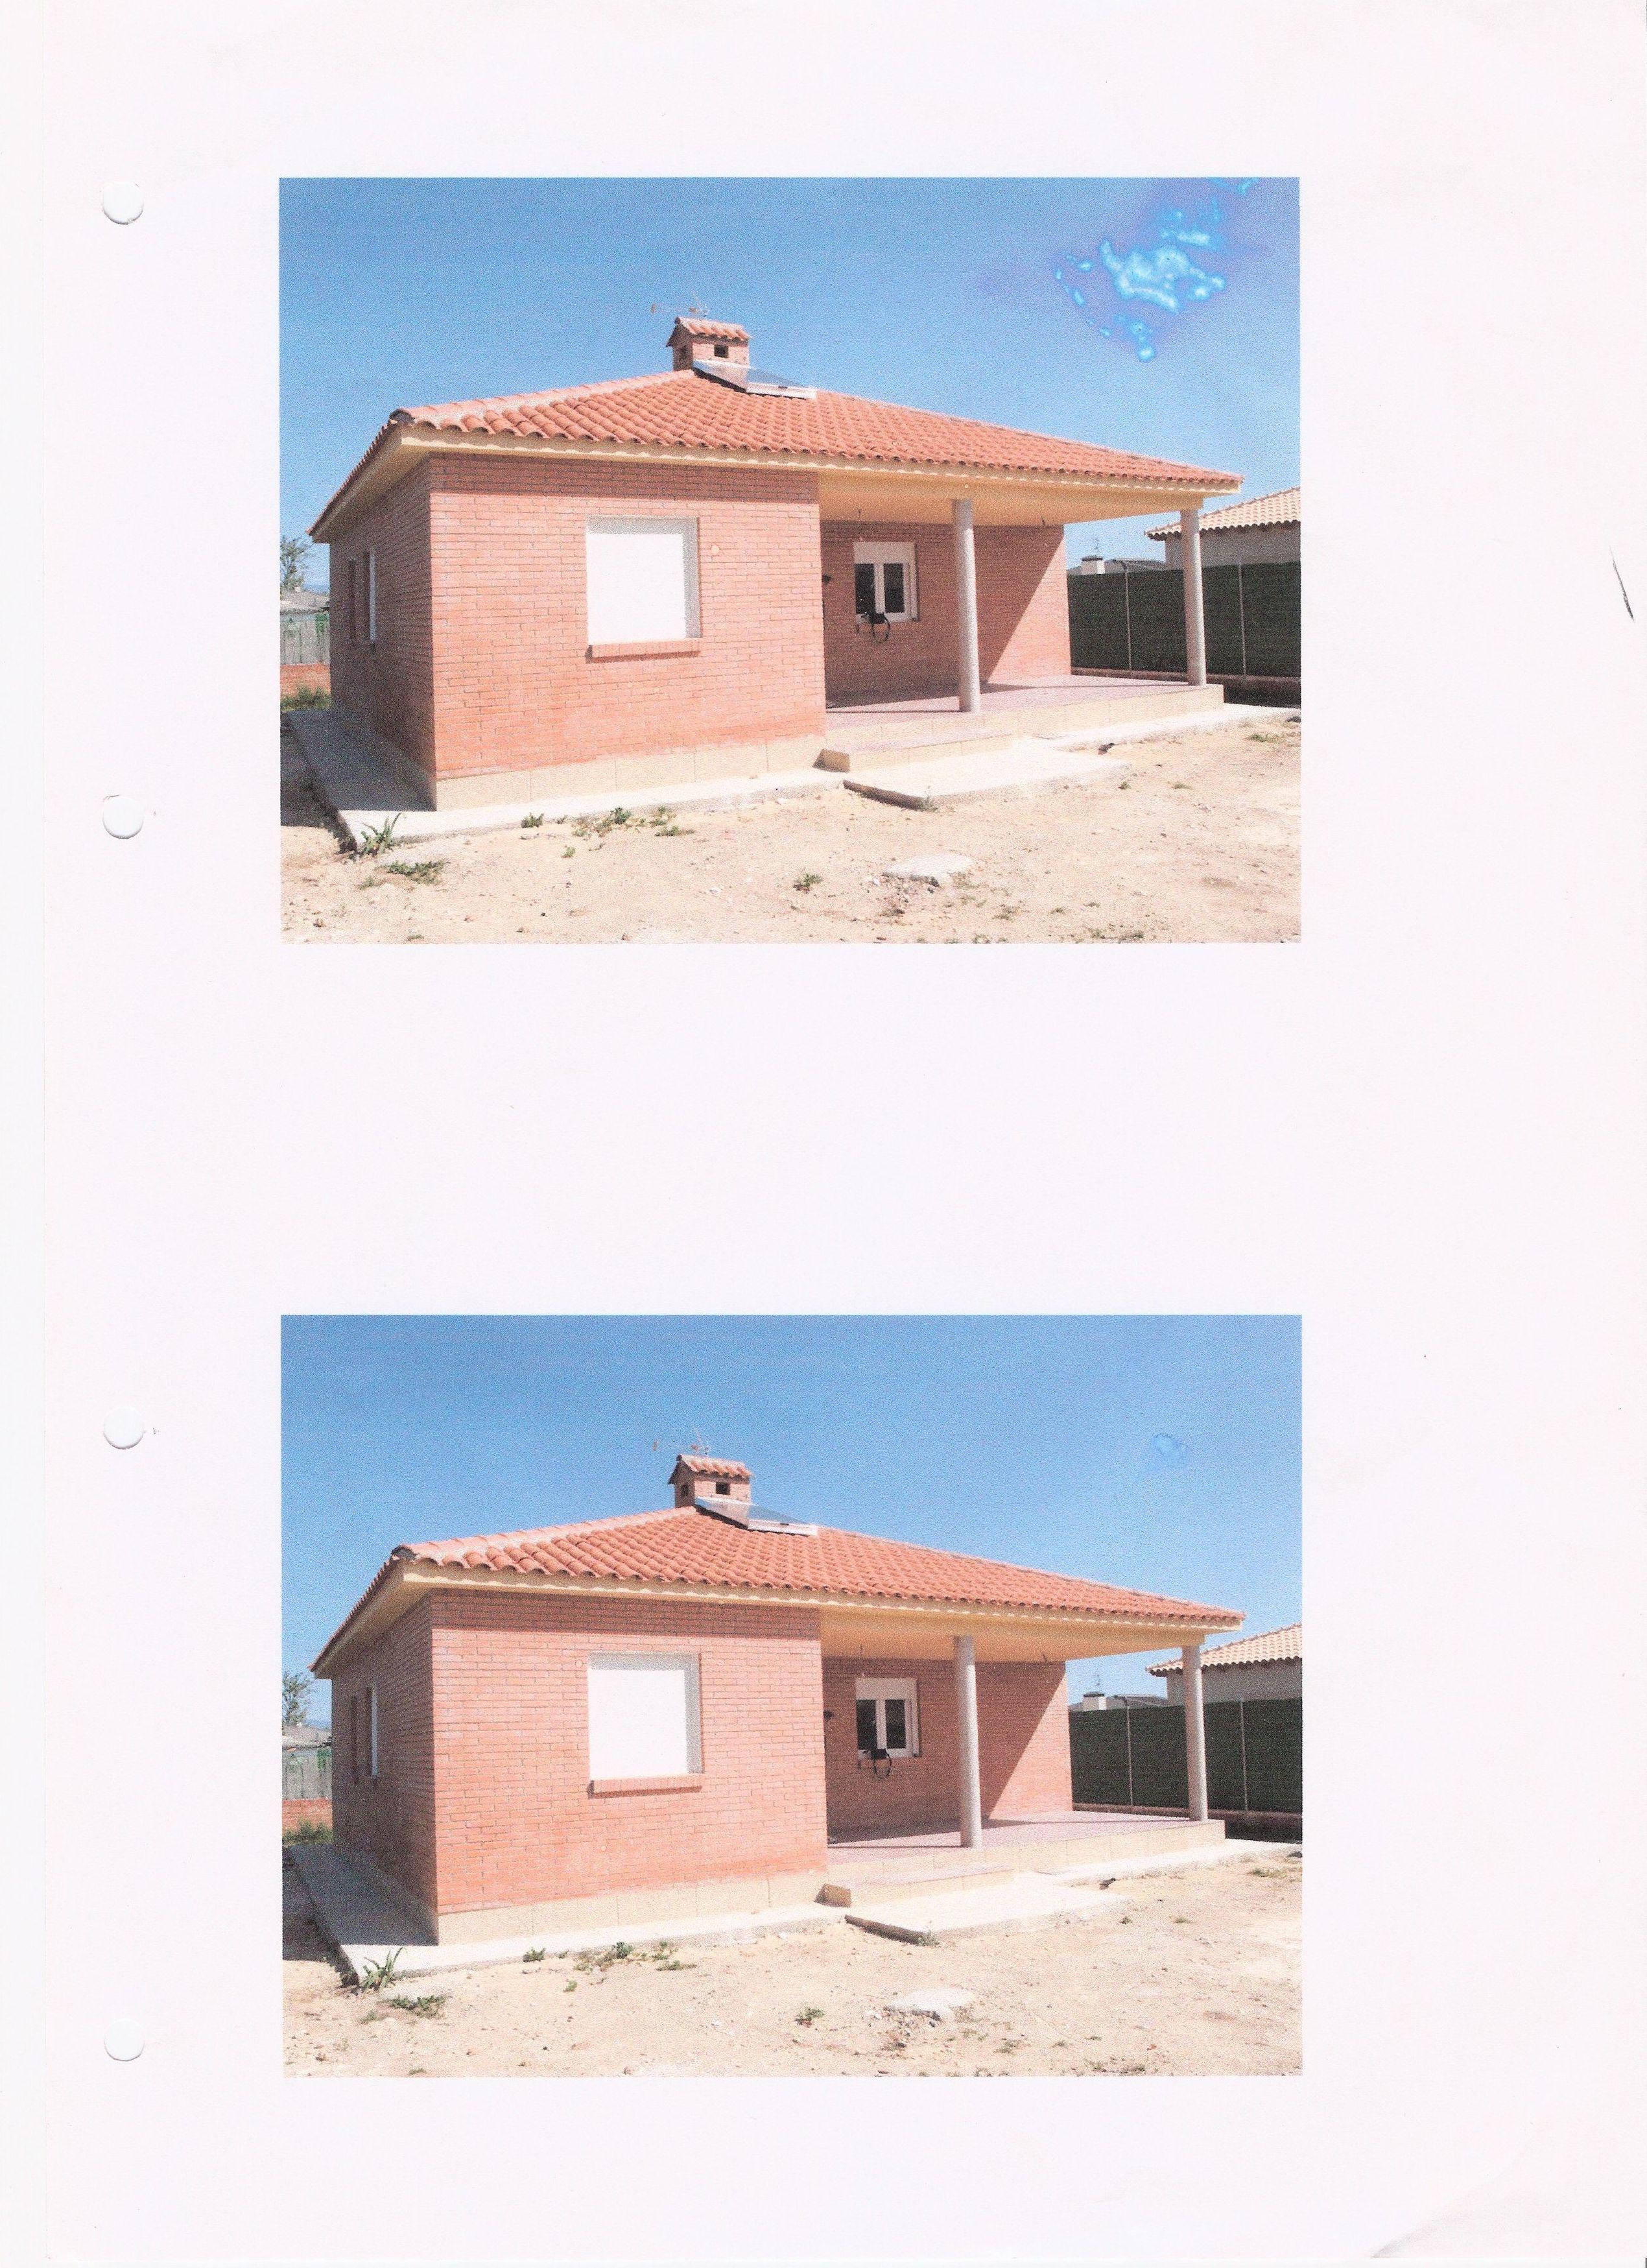 vivienda de 80 m2 con porche